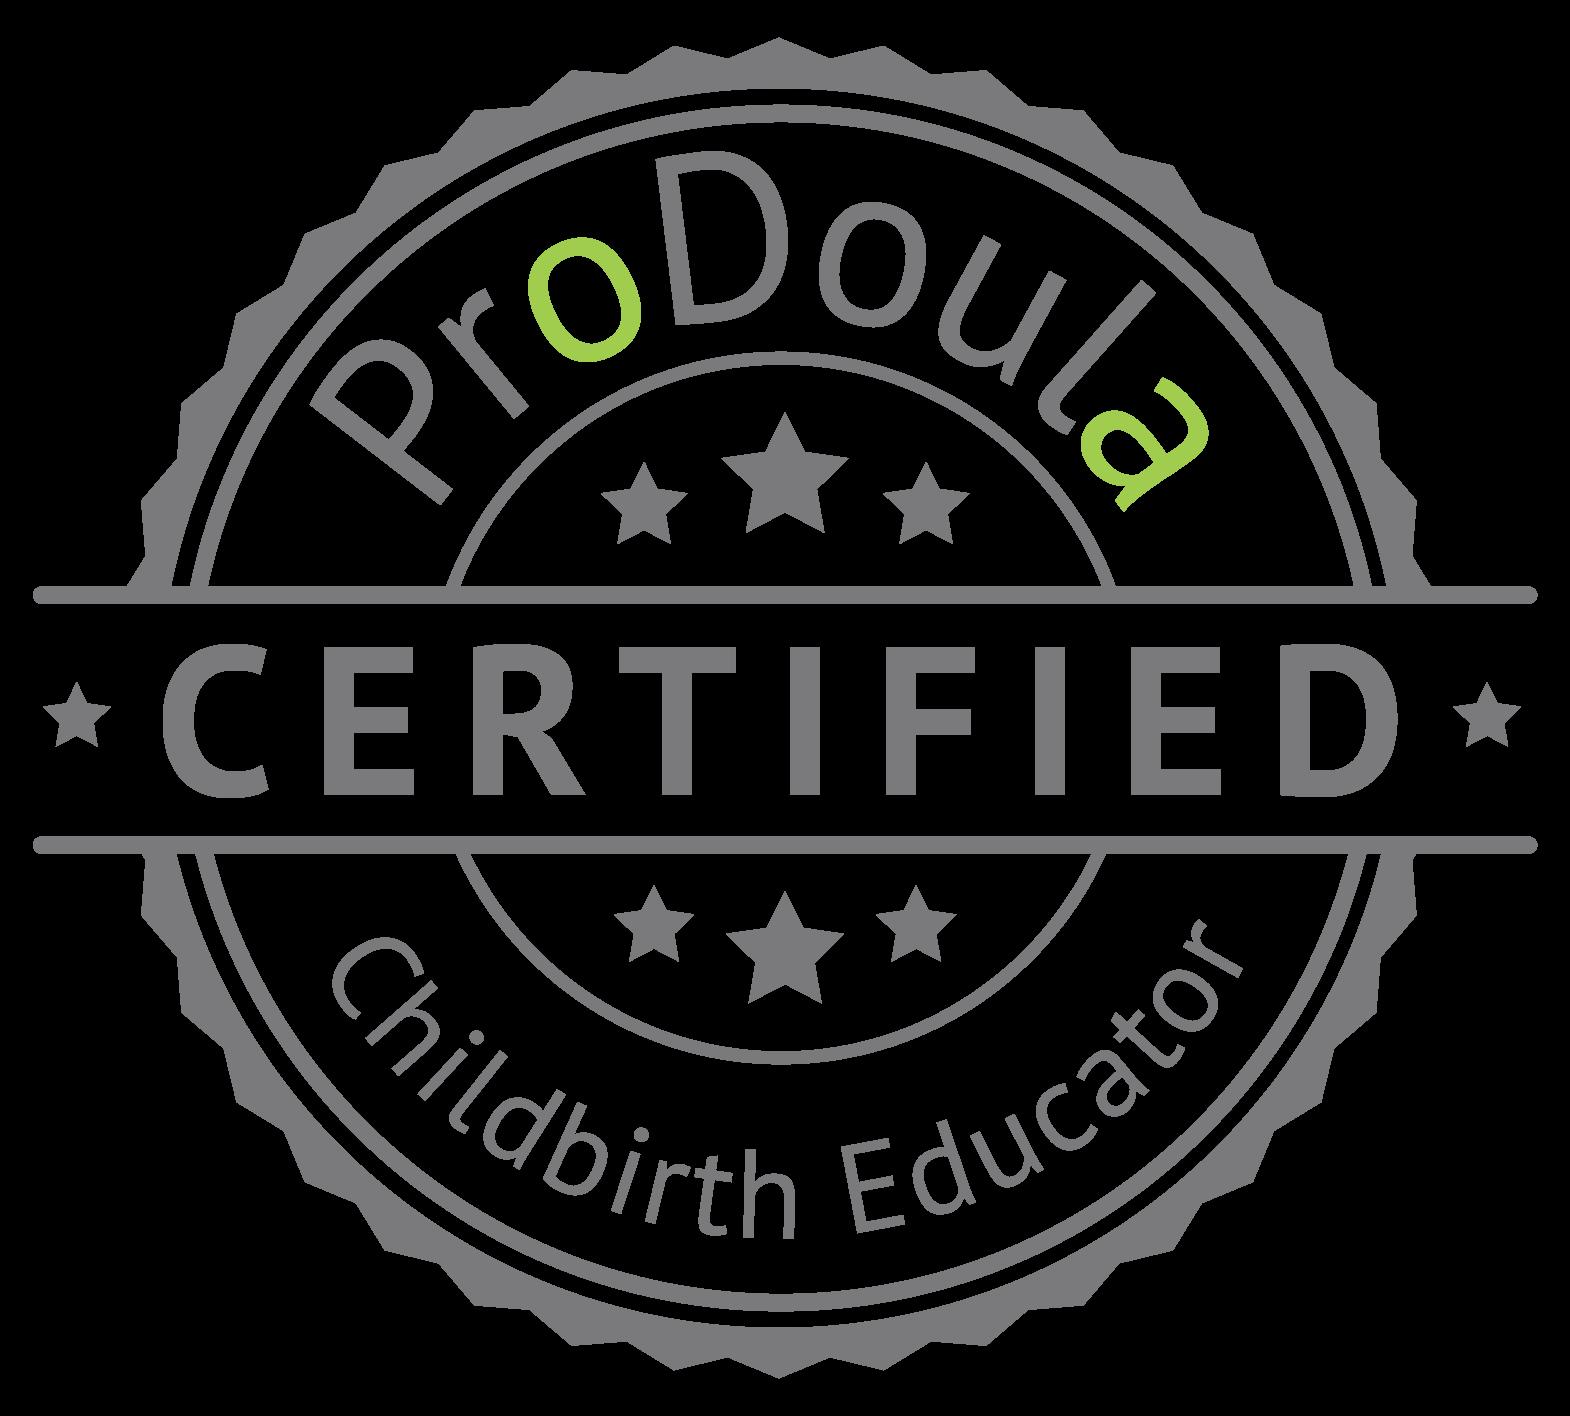 prodoula-chilbirth-educator (3)